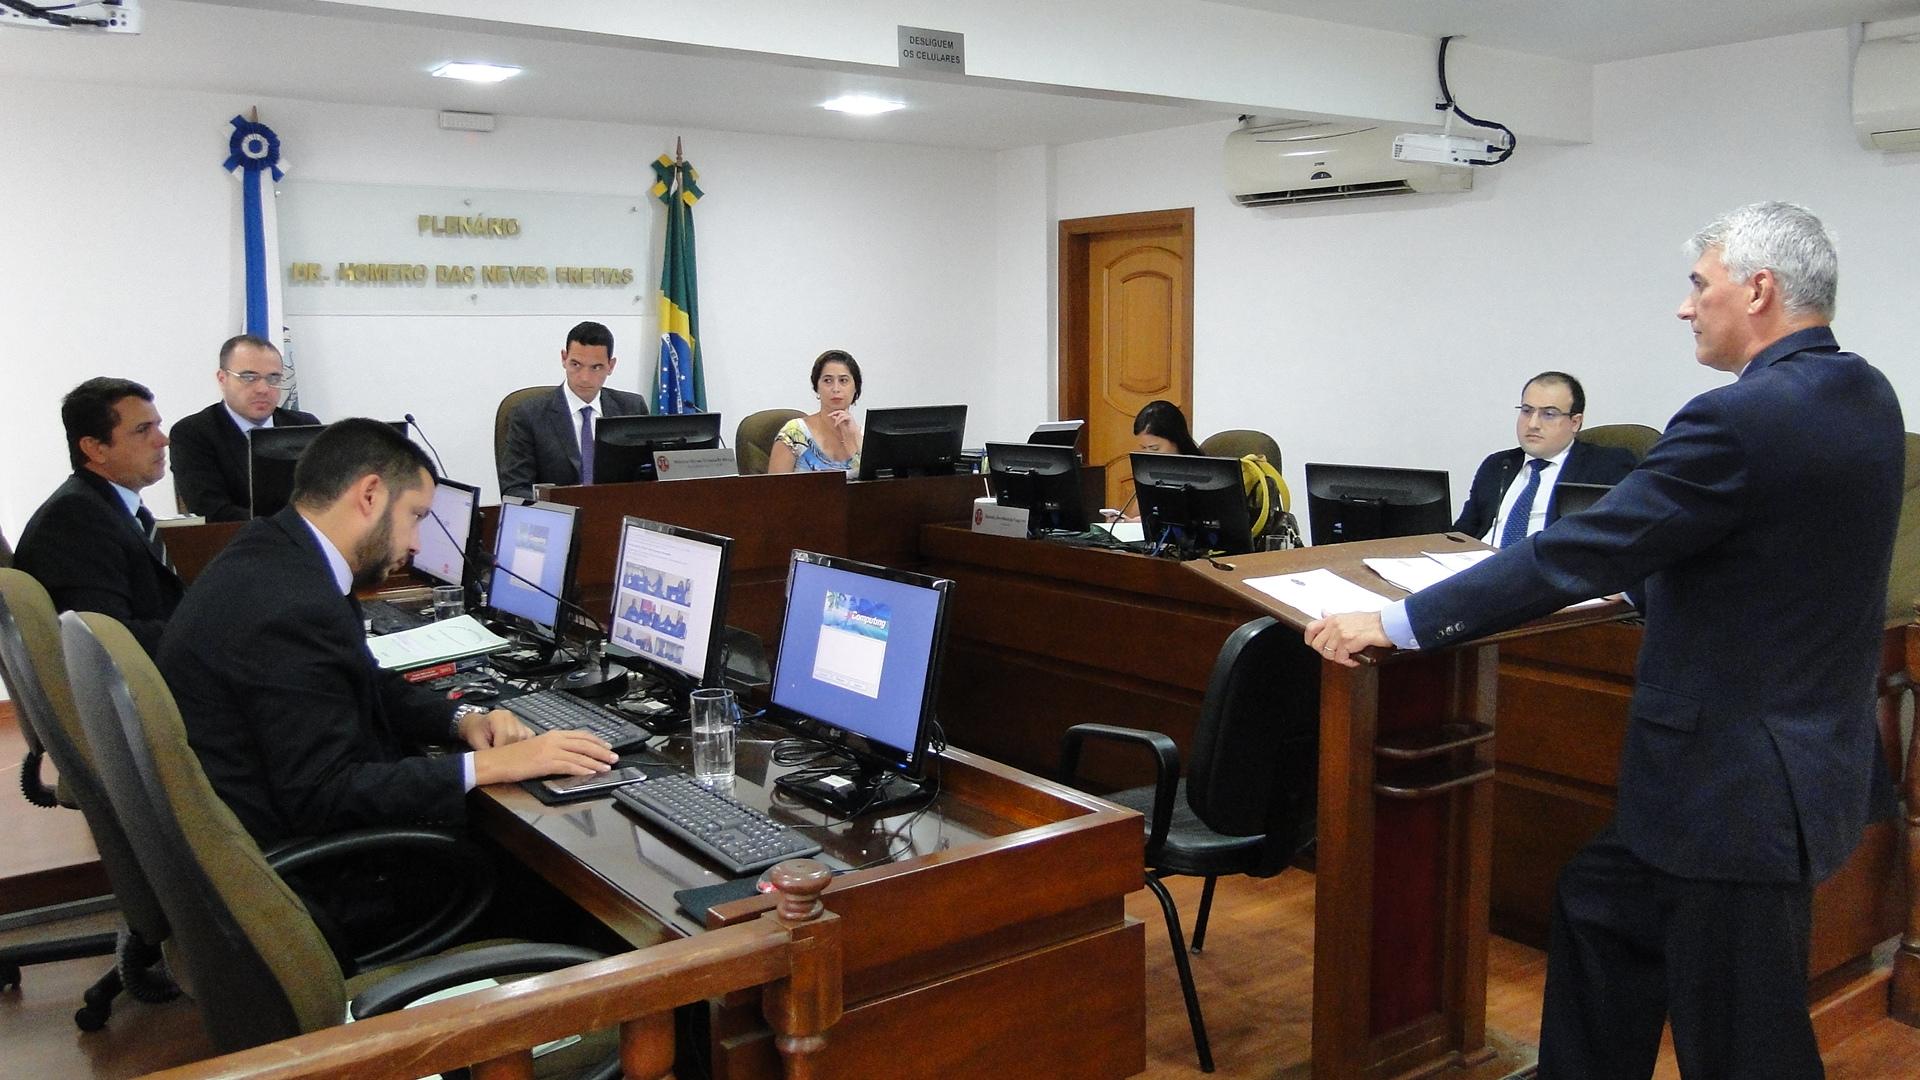 Primeira Comissão julga descumprimento de decisão